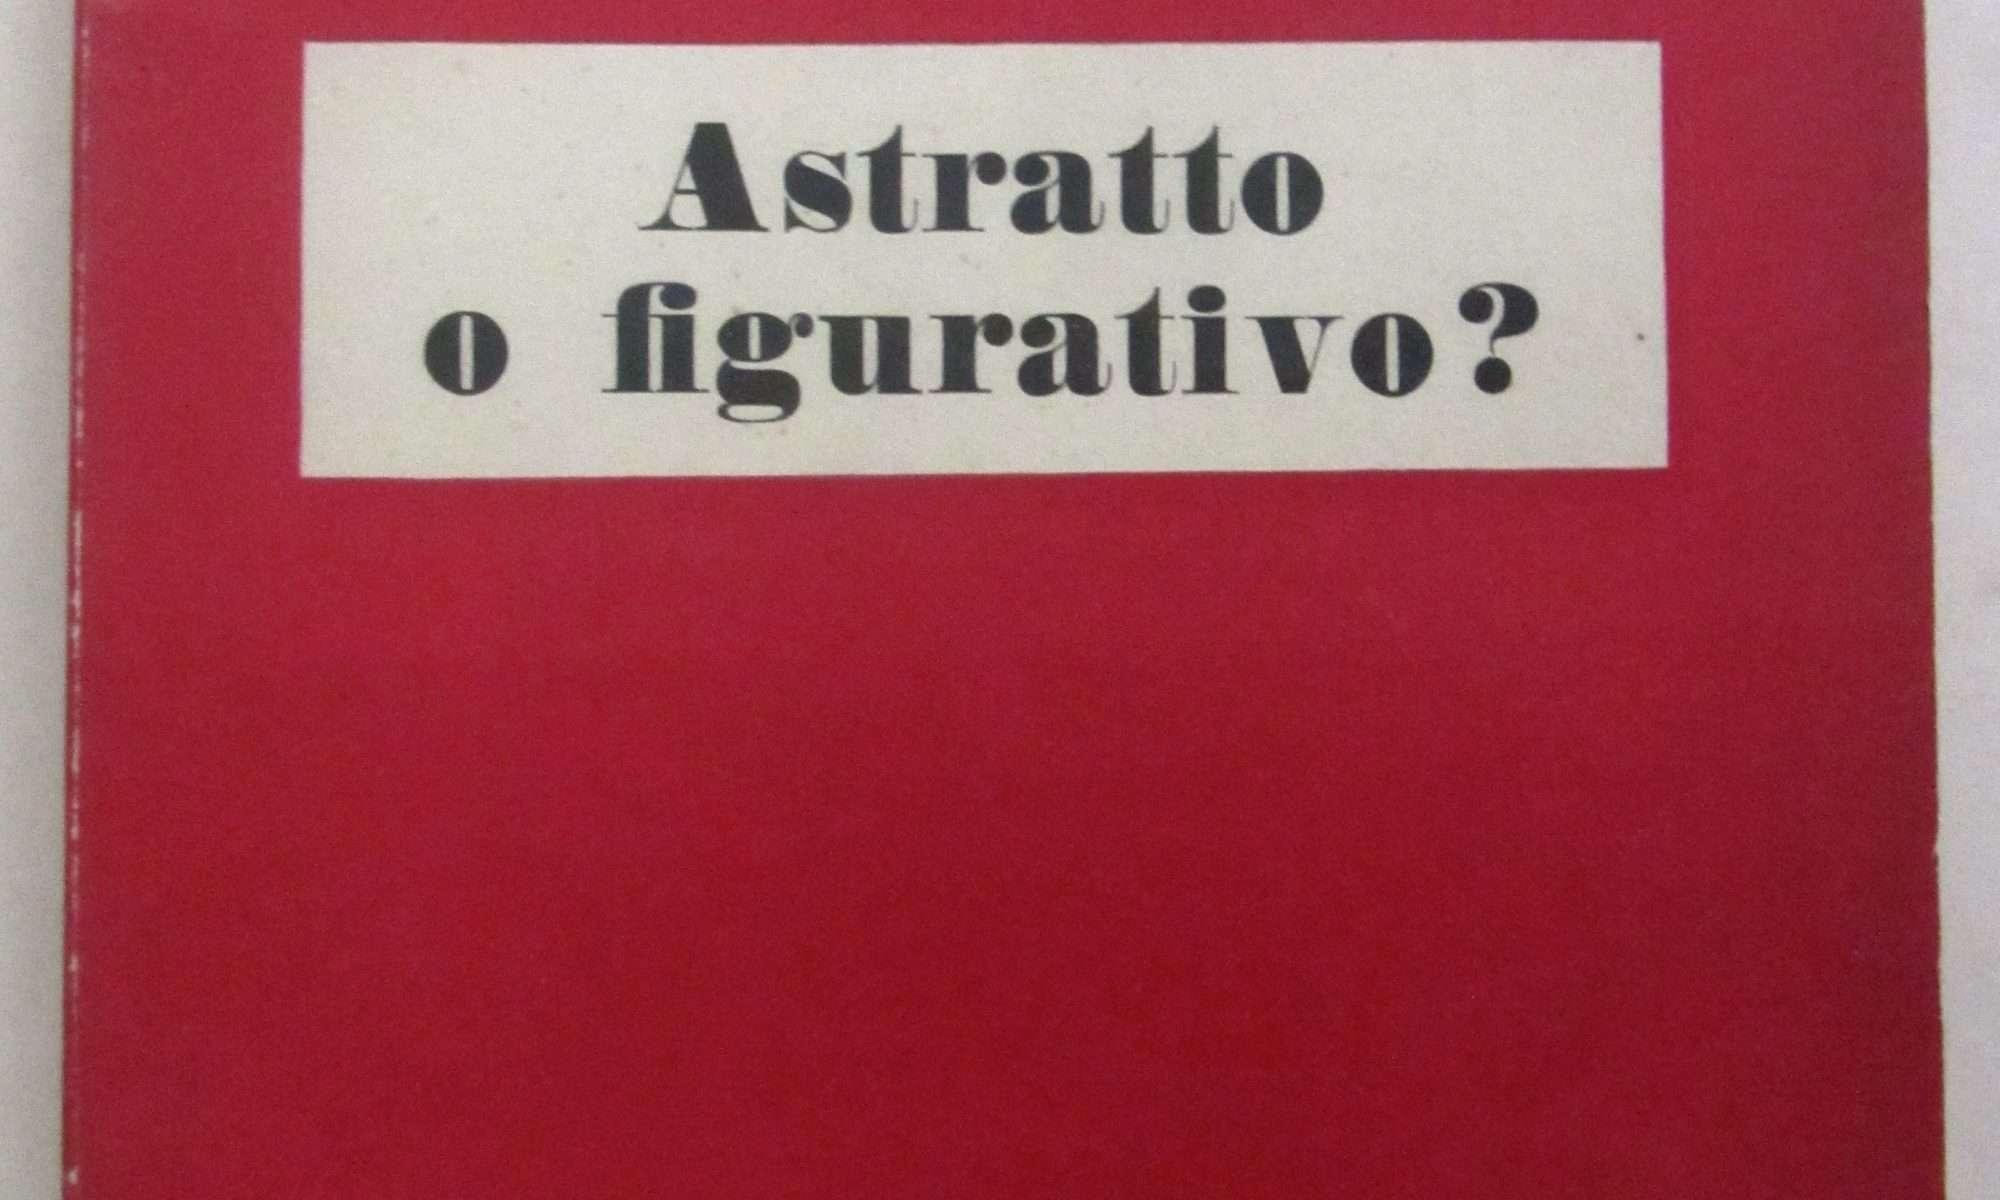 ASTRATTO O FIGURATIVO? I problemi di Ulisse  <BR/> Aa.Vv.